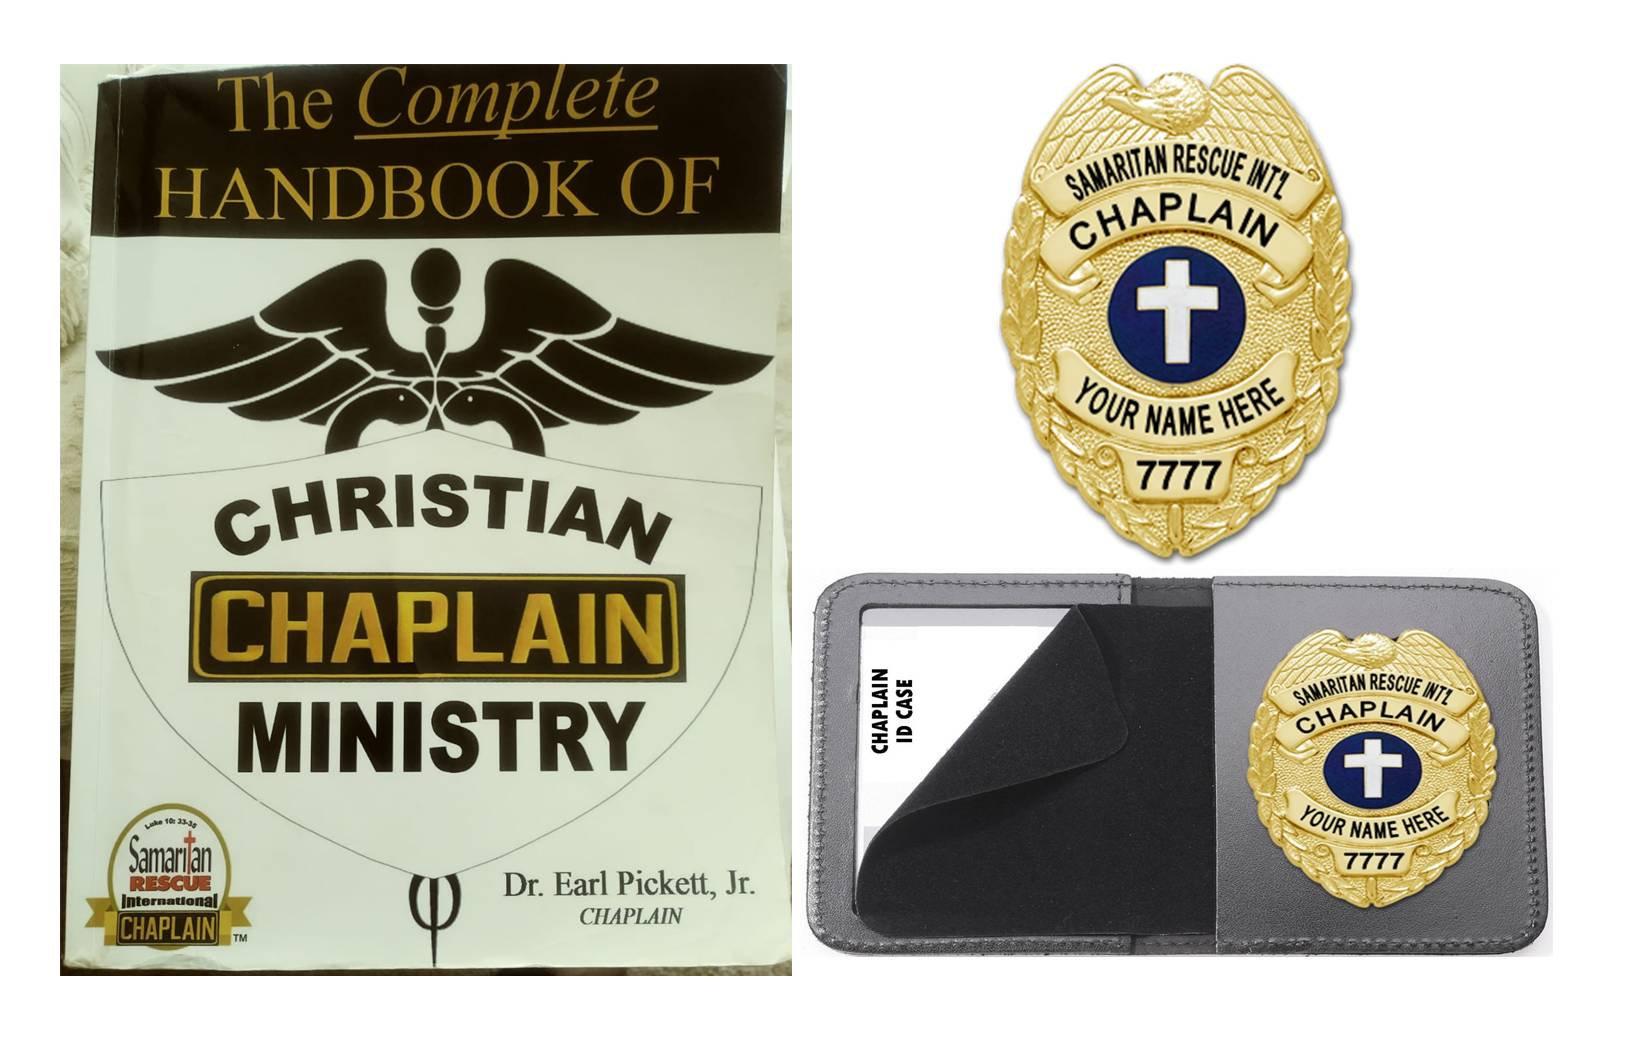 Chaplain Certification Course